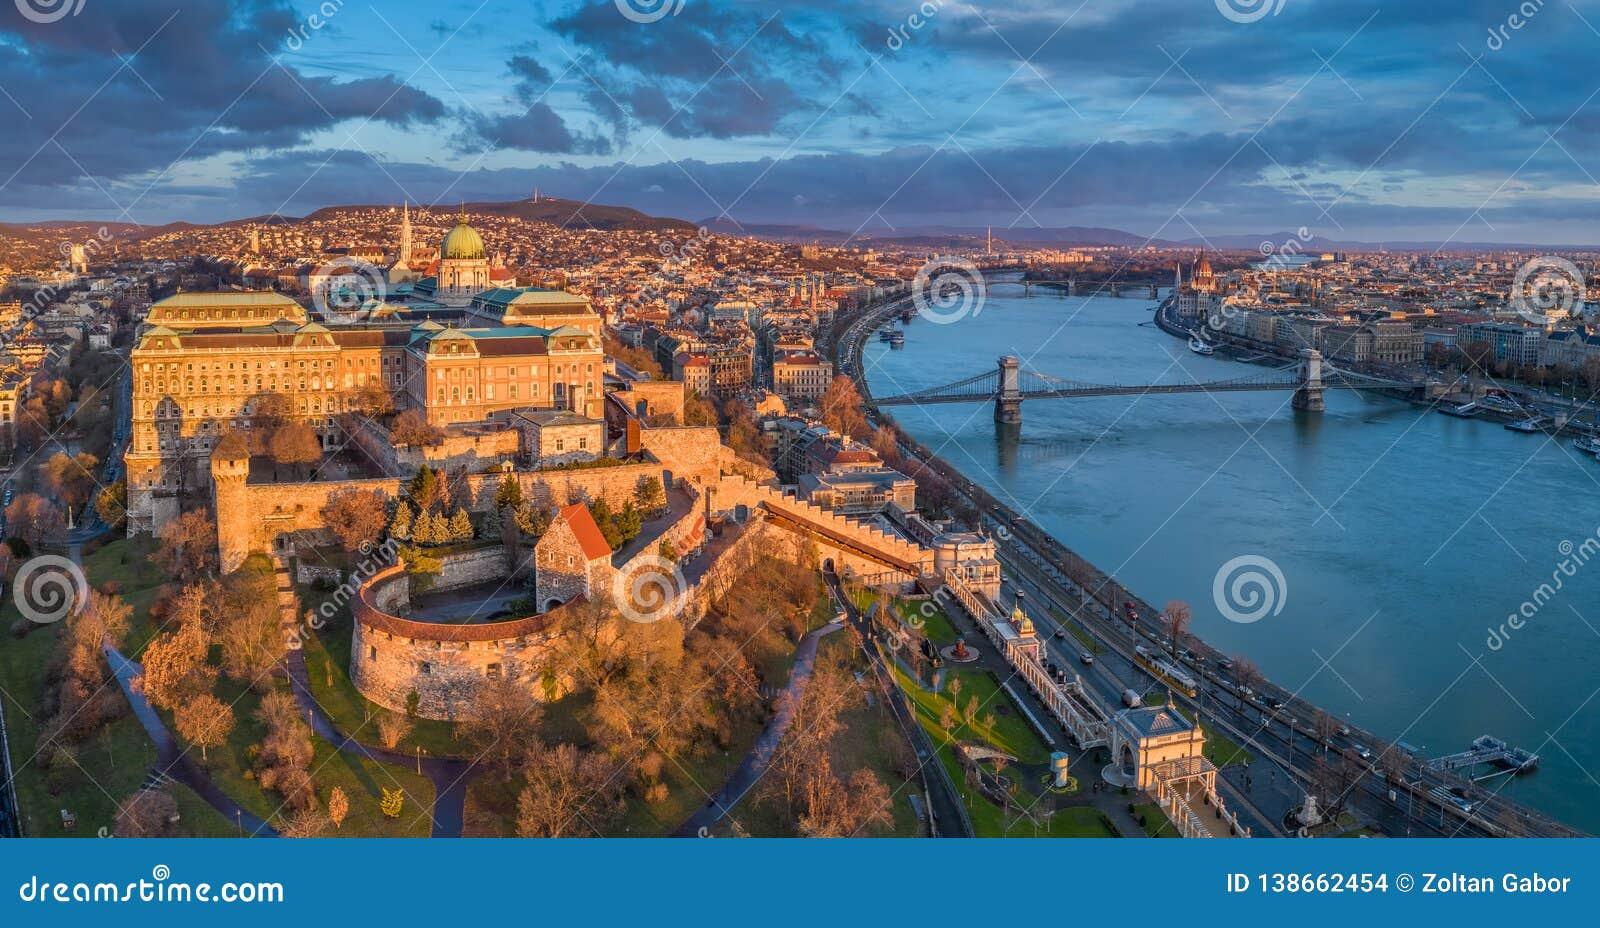 Budapest, Hungria - vista panorâmica aérea de Buda Castle Royal Palace com a ponte de corrente de Szechenyi, o parlamento